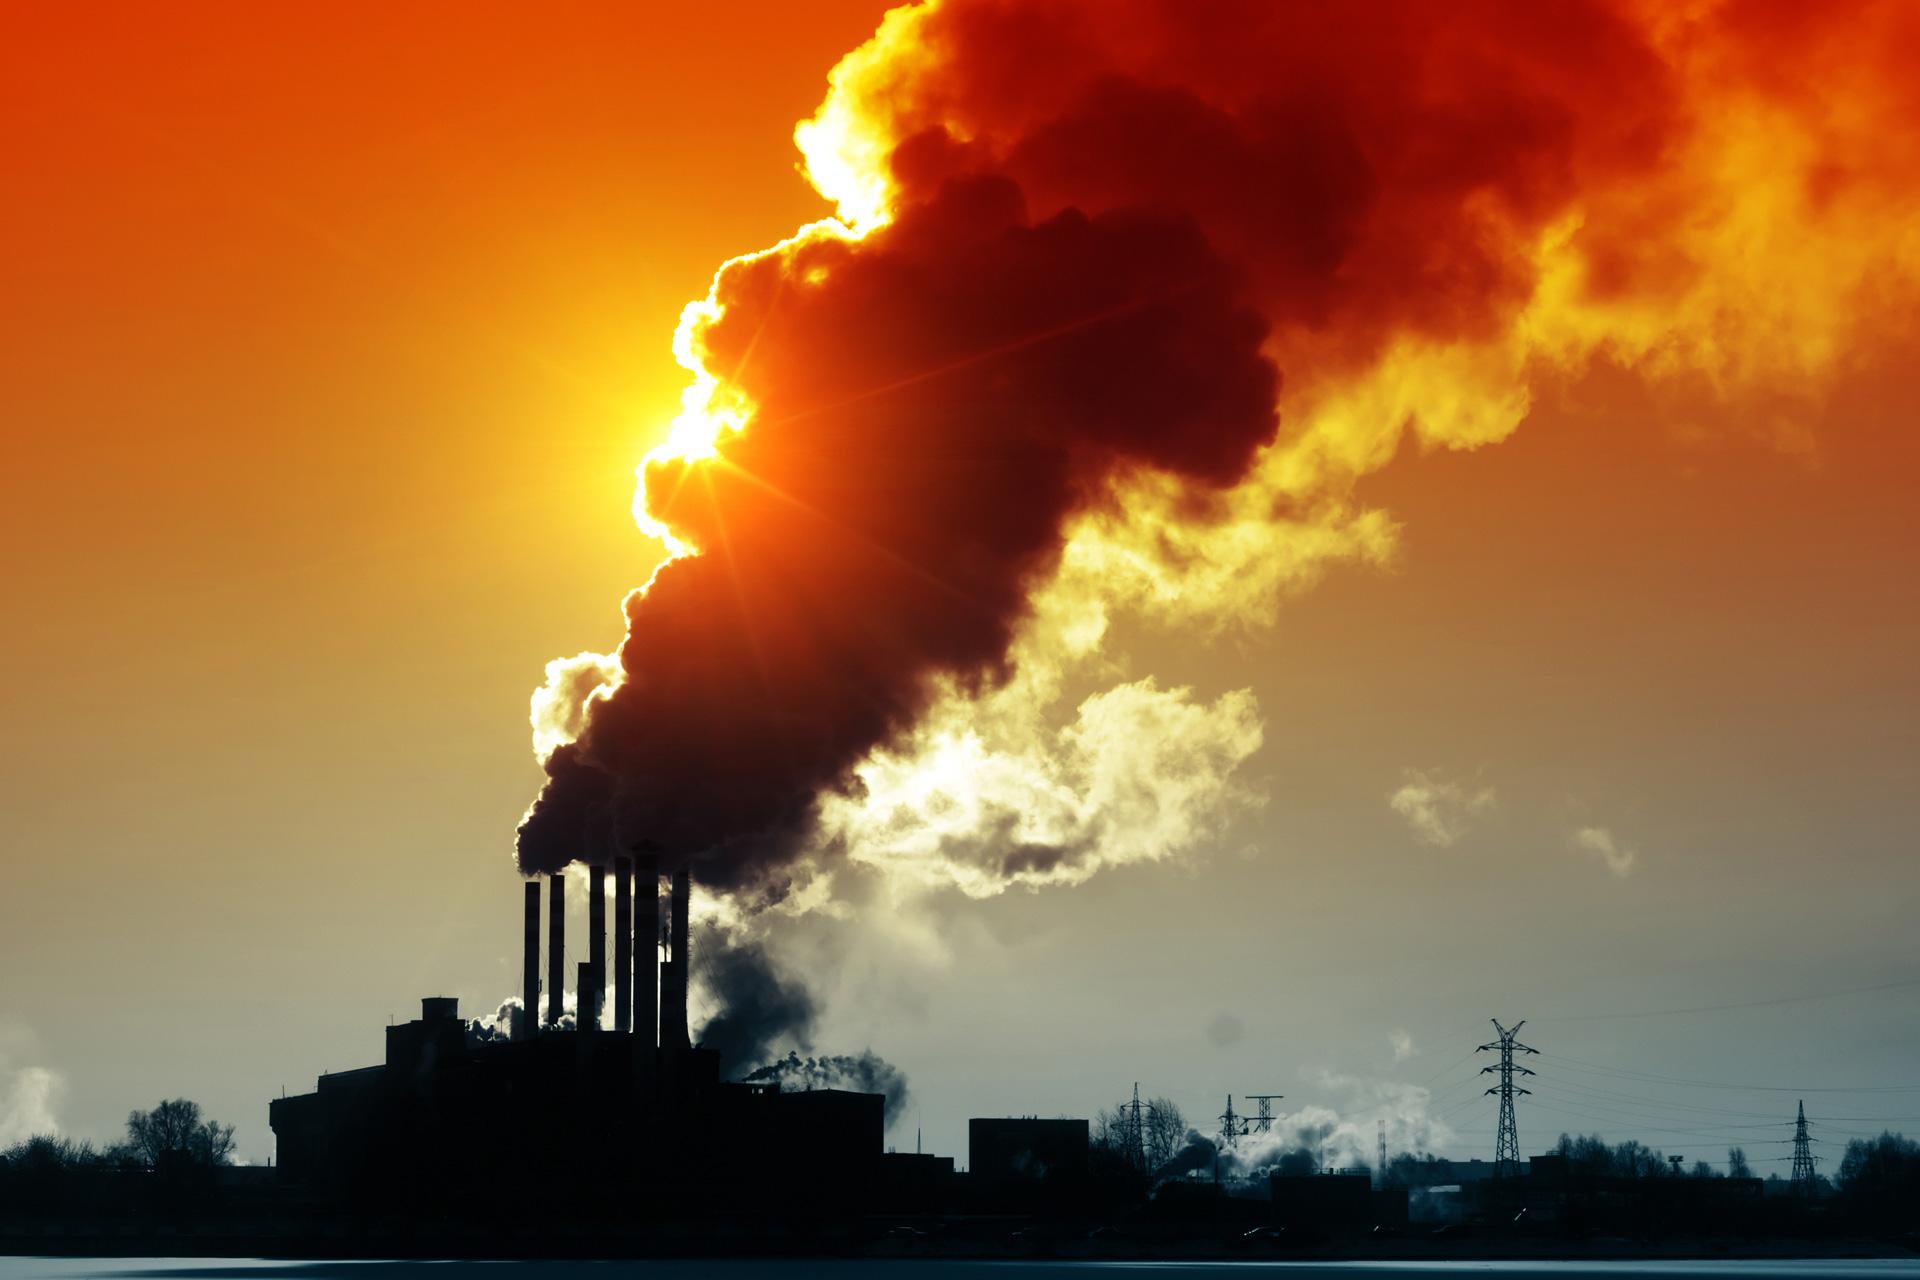 Üvegházhatású gázok, megoldás a megújuló energiaforrások, úgy mint a napelem